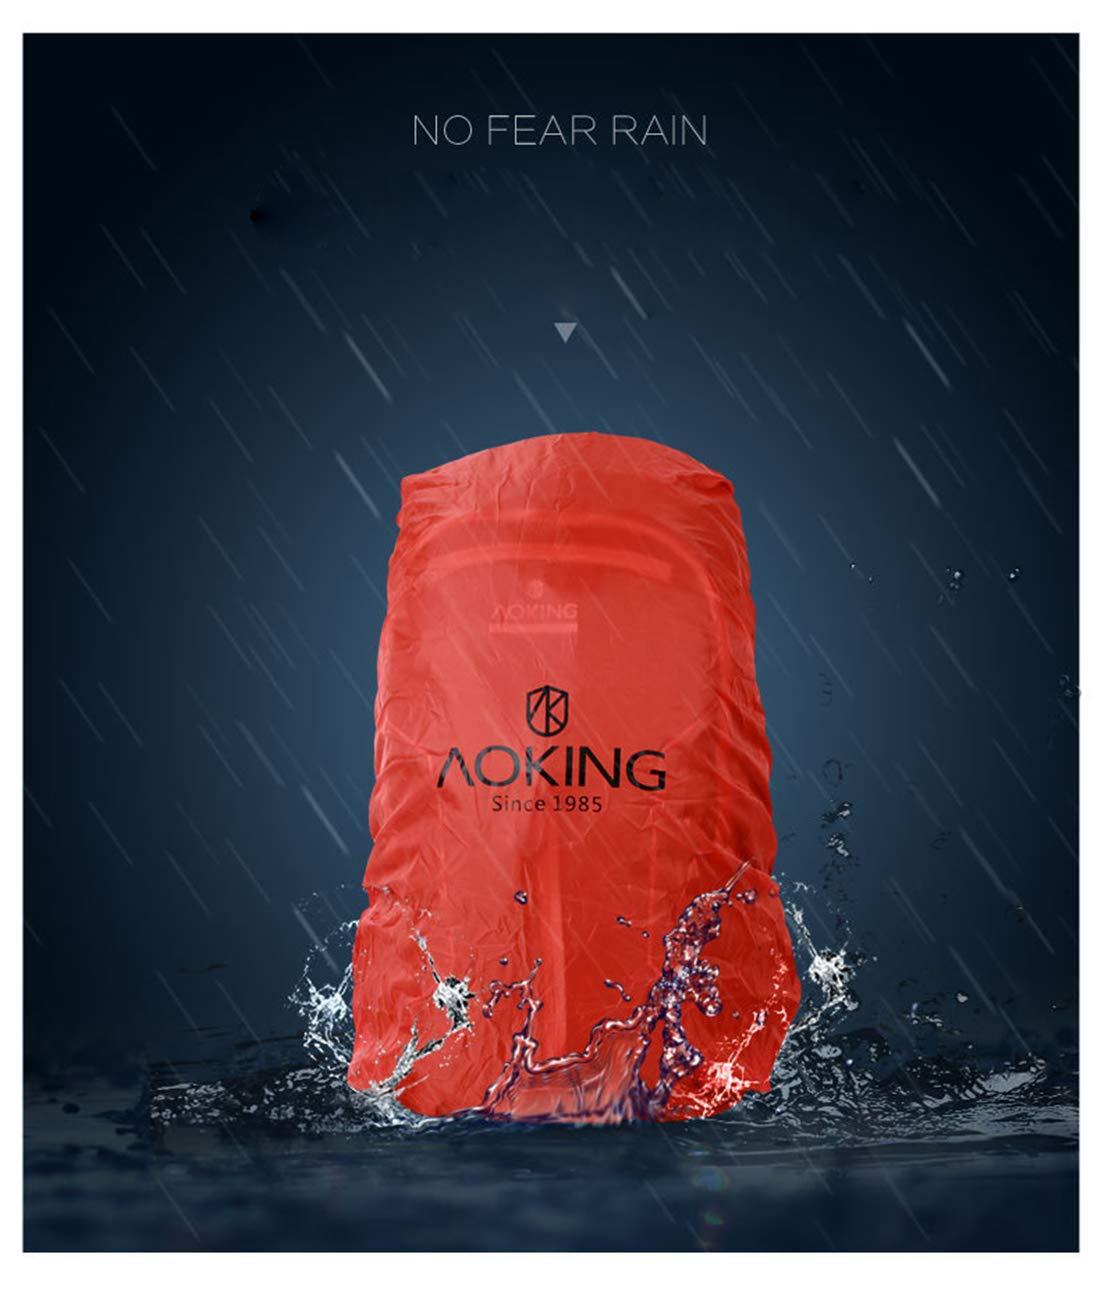 SHINING SHINING SHINING KIDS Professioneller Outdoor Rucksack Multi-Funktions Bergsteigenbeutel 40L Mit Regenschutz B07K8LPJZL Wanderruckscke Beliebte Empfehlung 3ab0a3